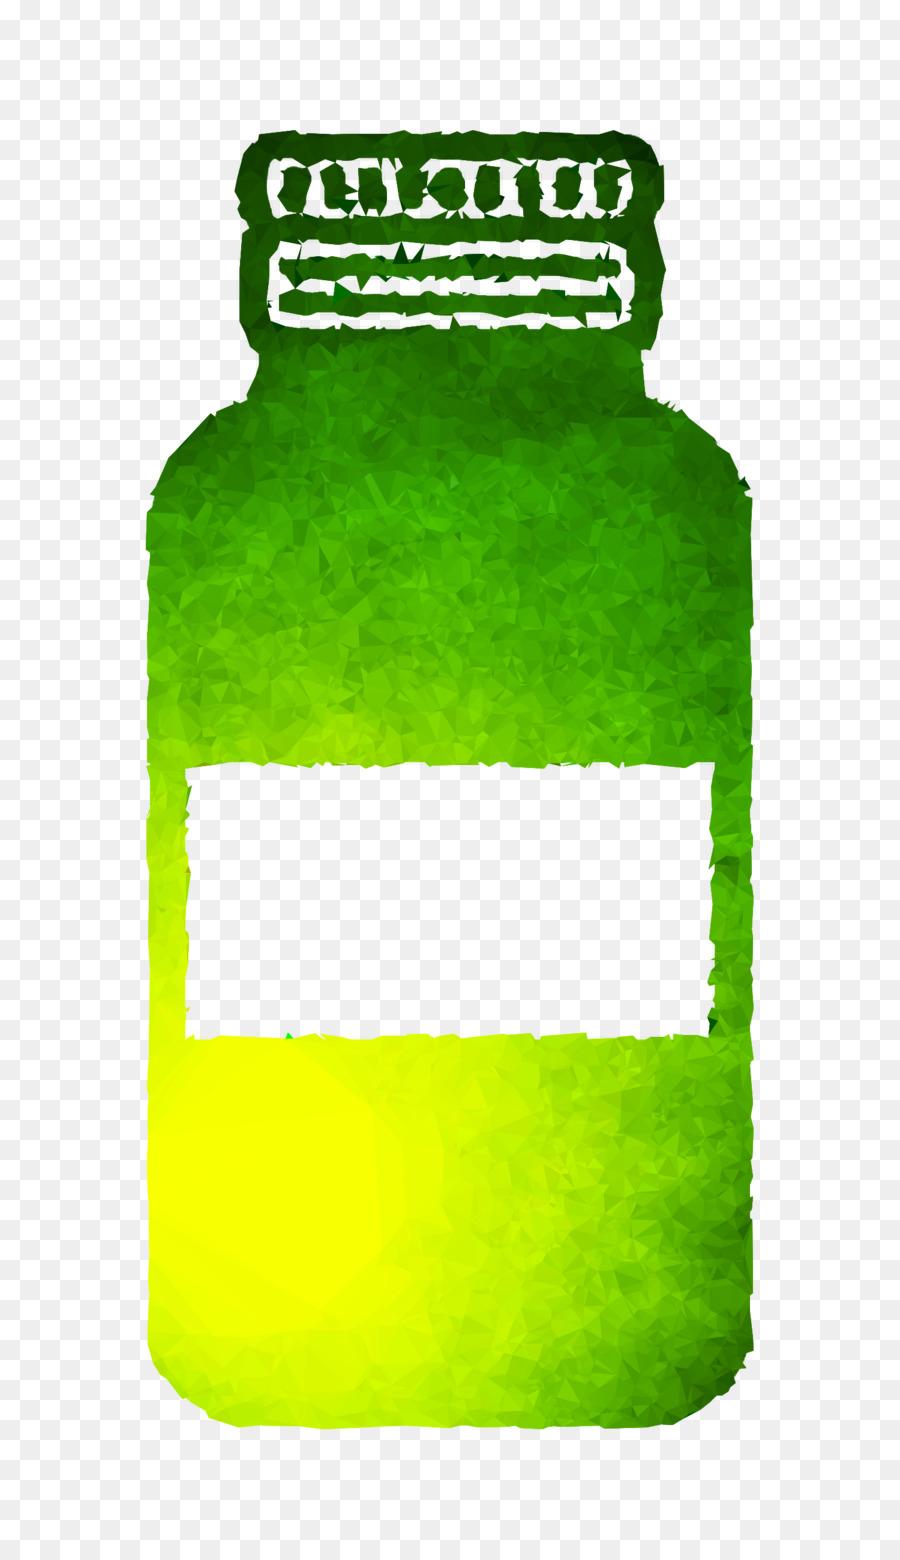 Descarga gratuita de Botella De Vidrio, Logotipo, Botella imágenes PNG